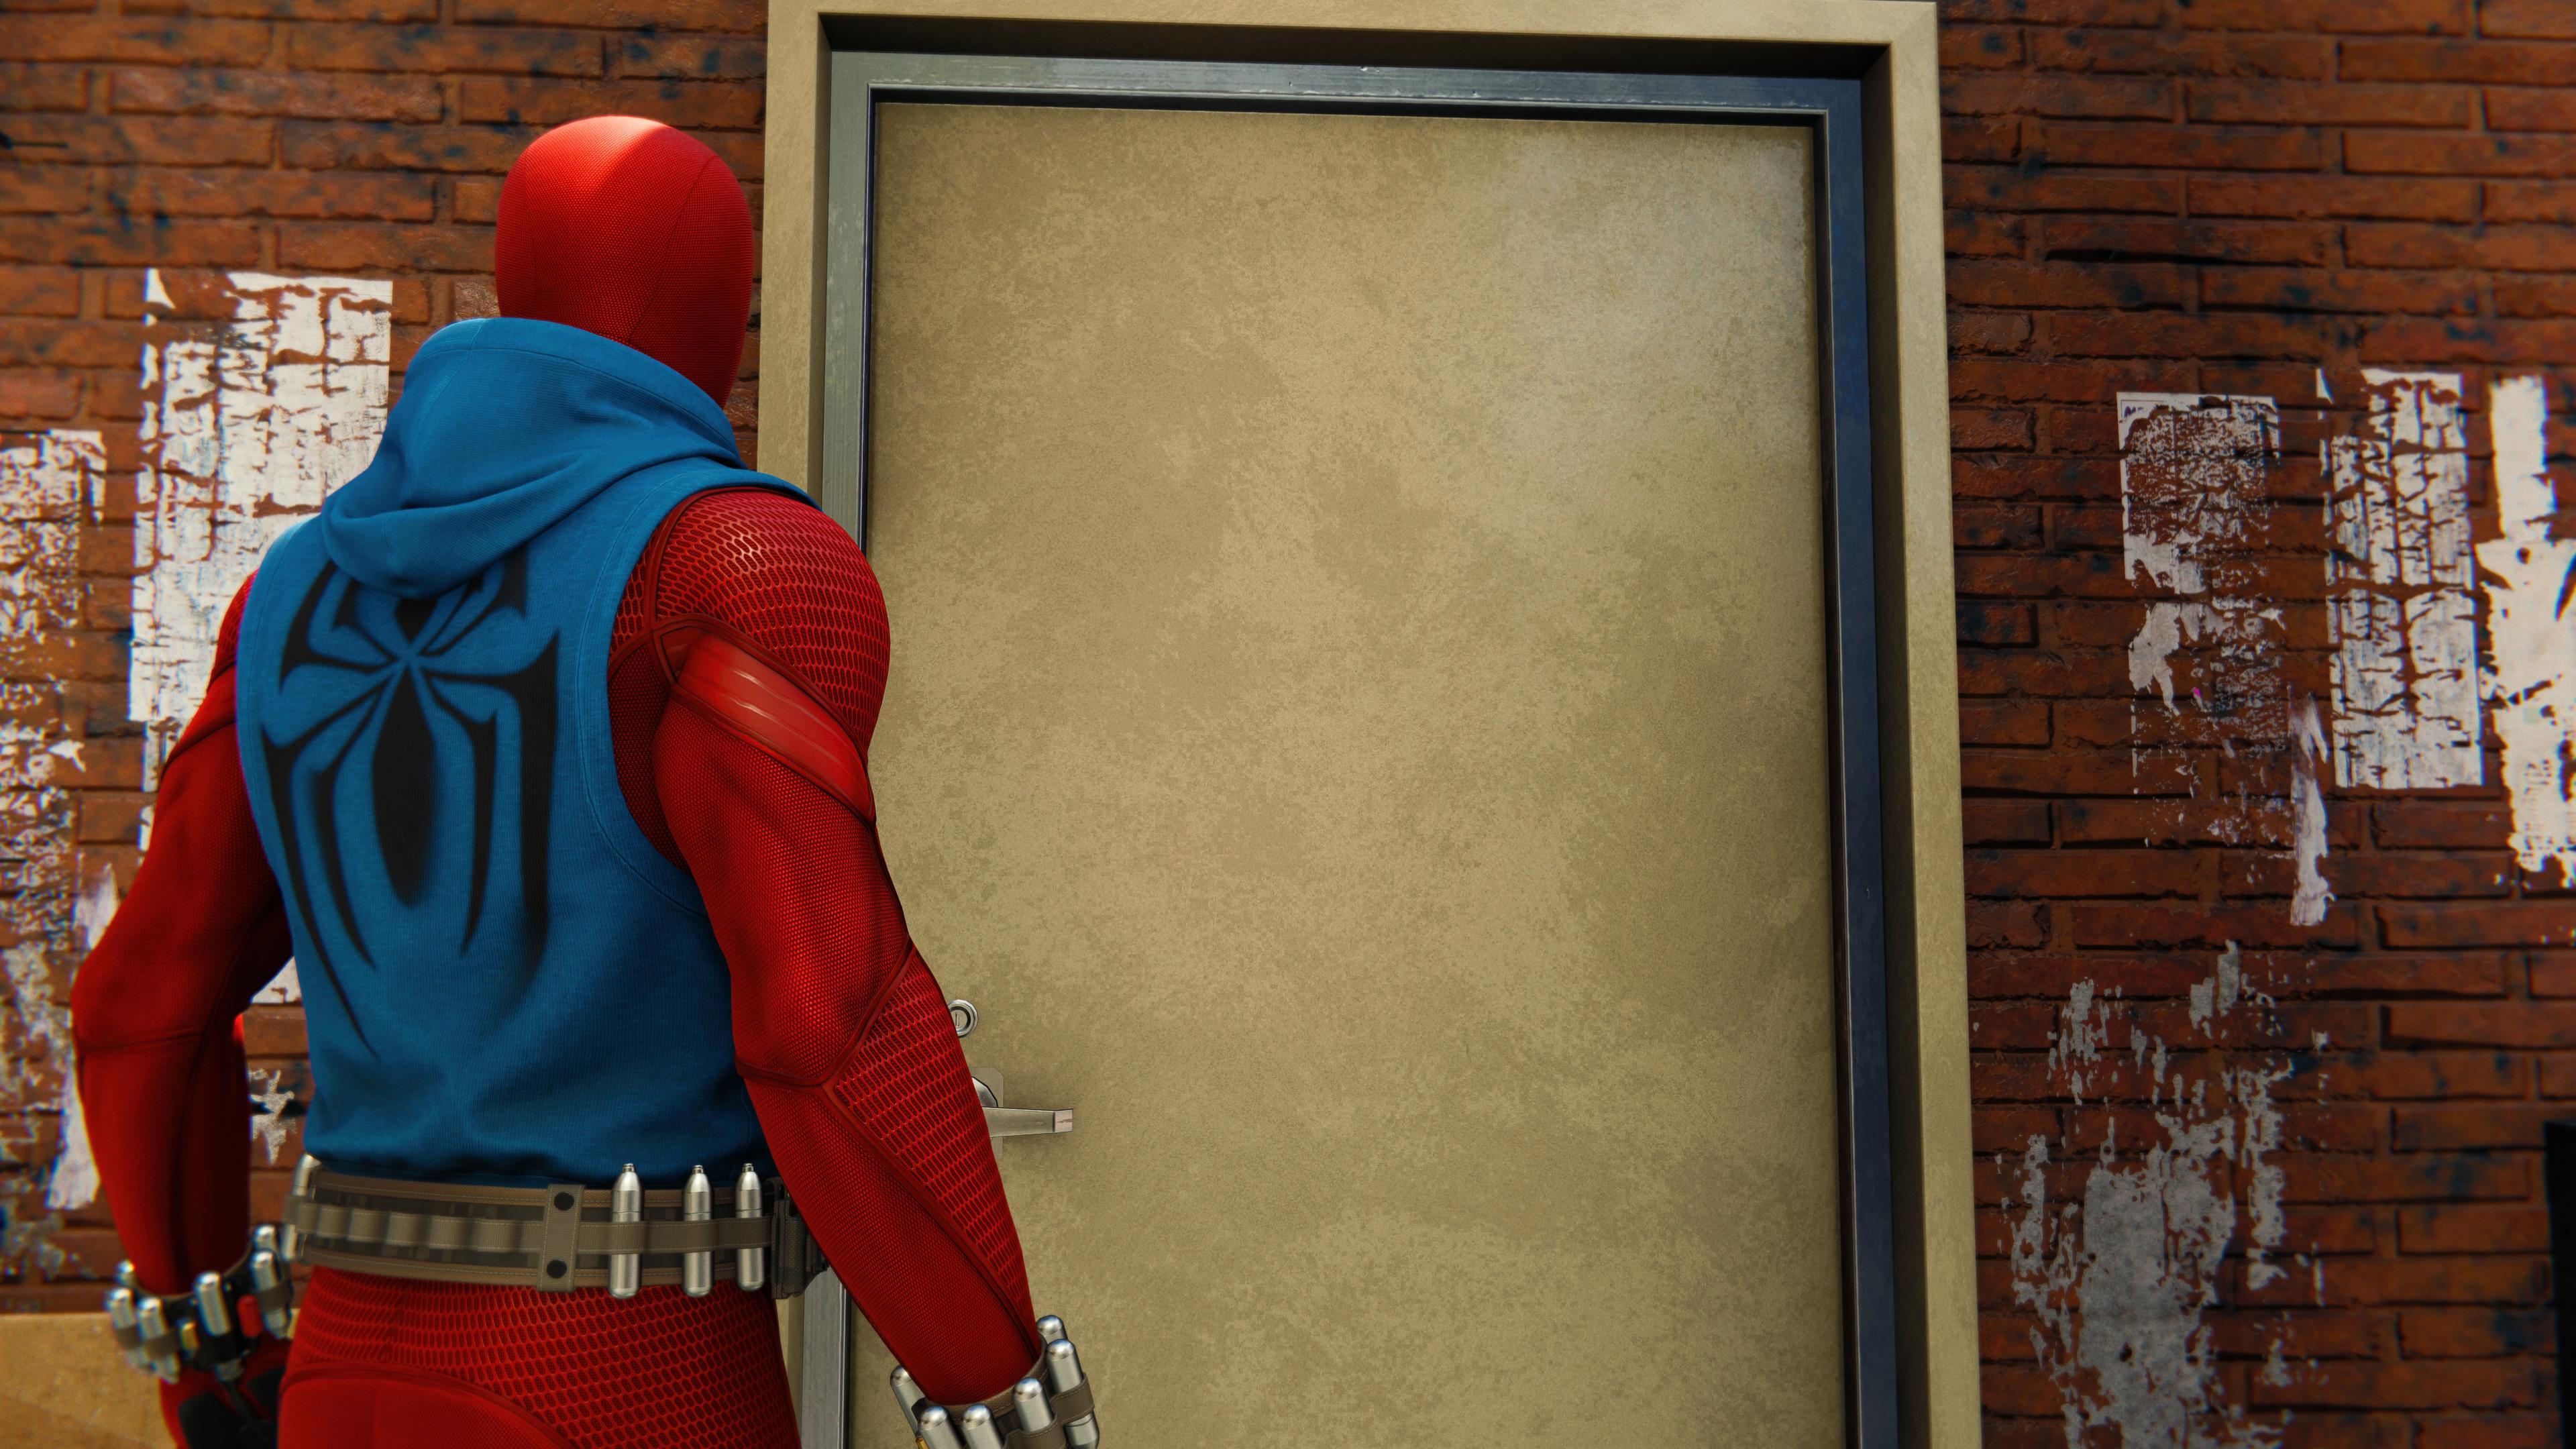 https://i.ibb.co/F0GgVnk/Marvel-s-Spider-Man-Remastered-20210511233914.jpg